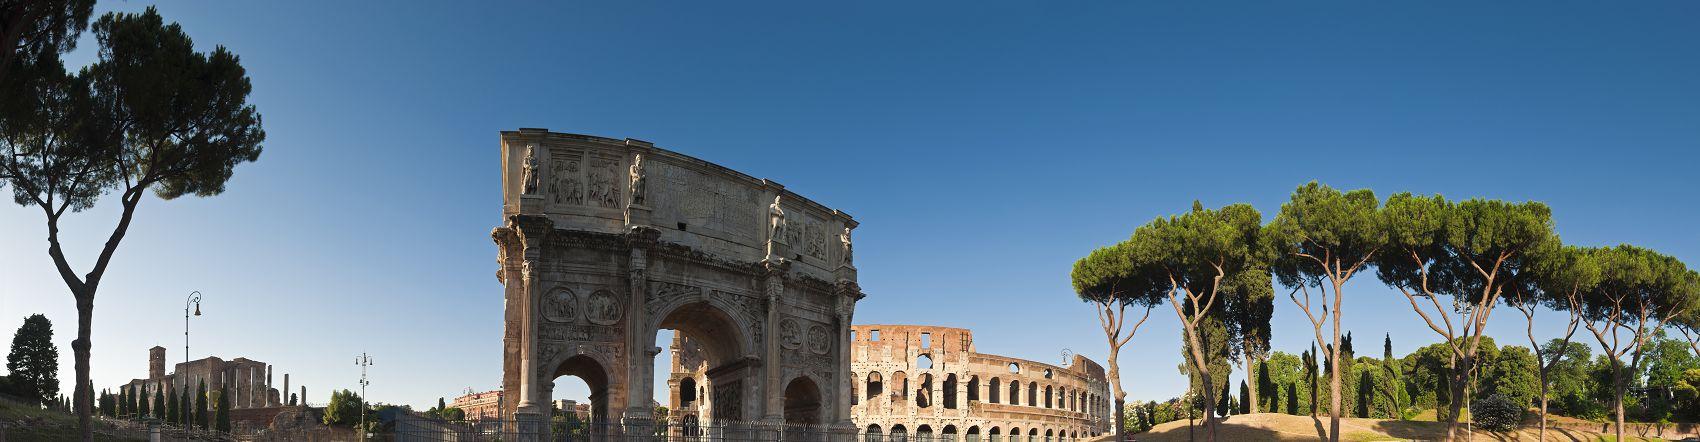 Древняя архитектура Рима